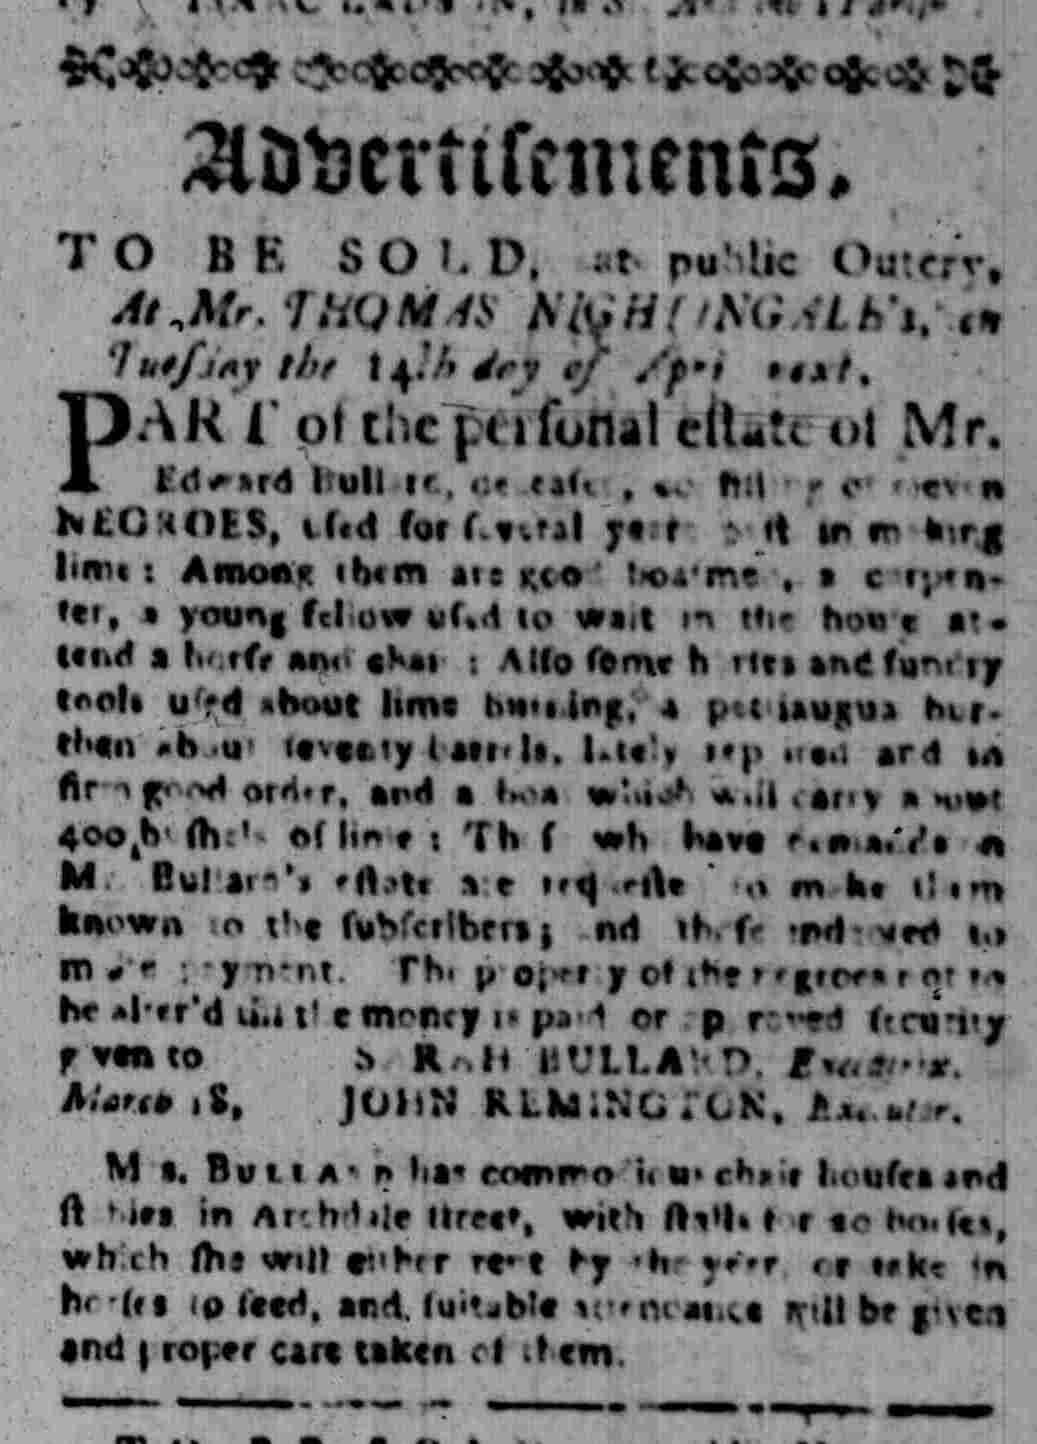 Mar 23 - South Carolina Gazette Slavery 5